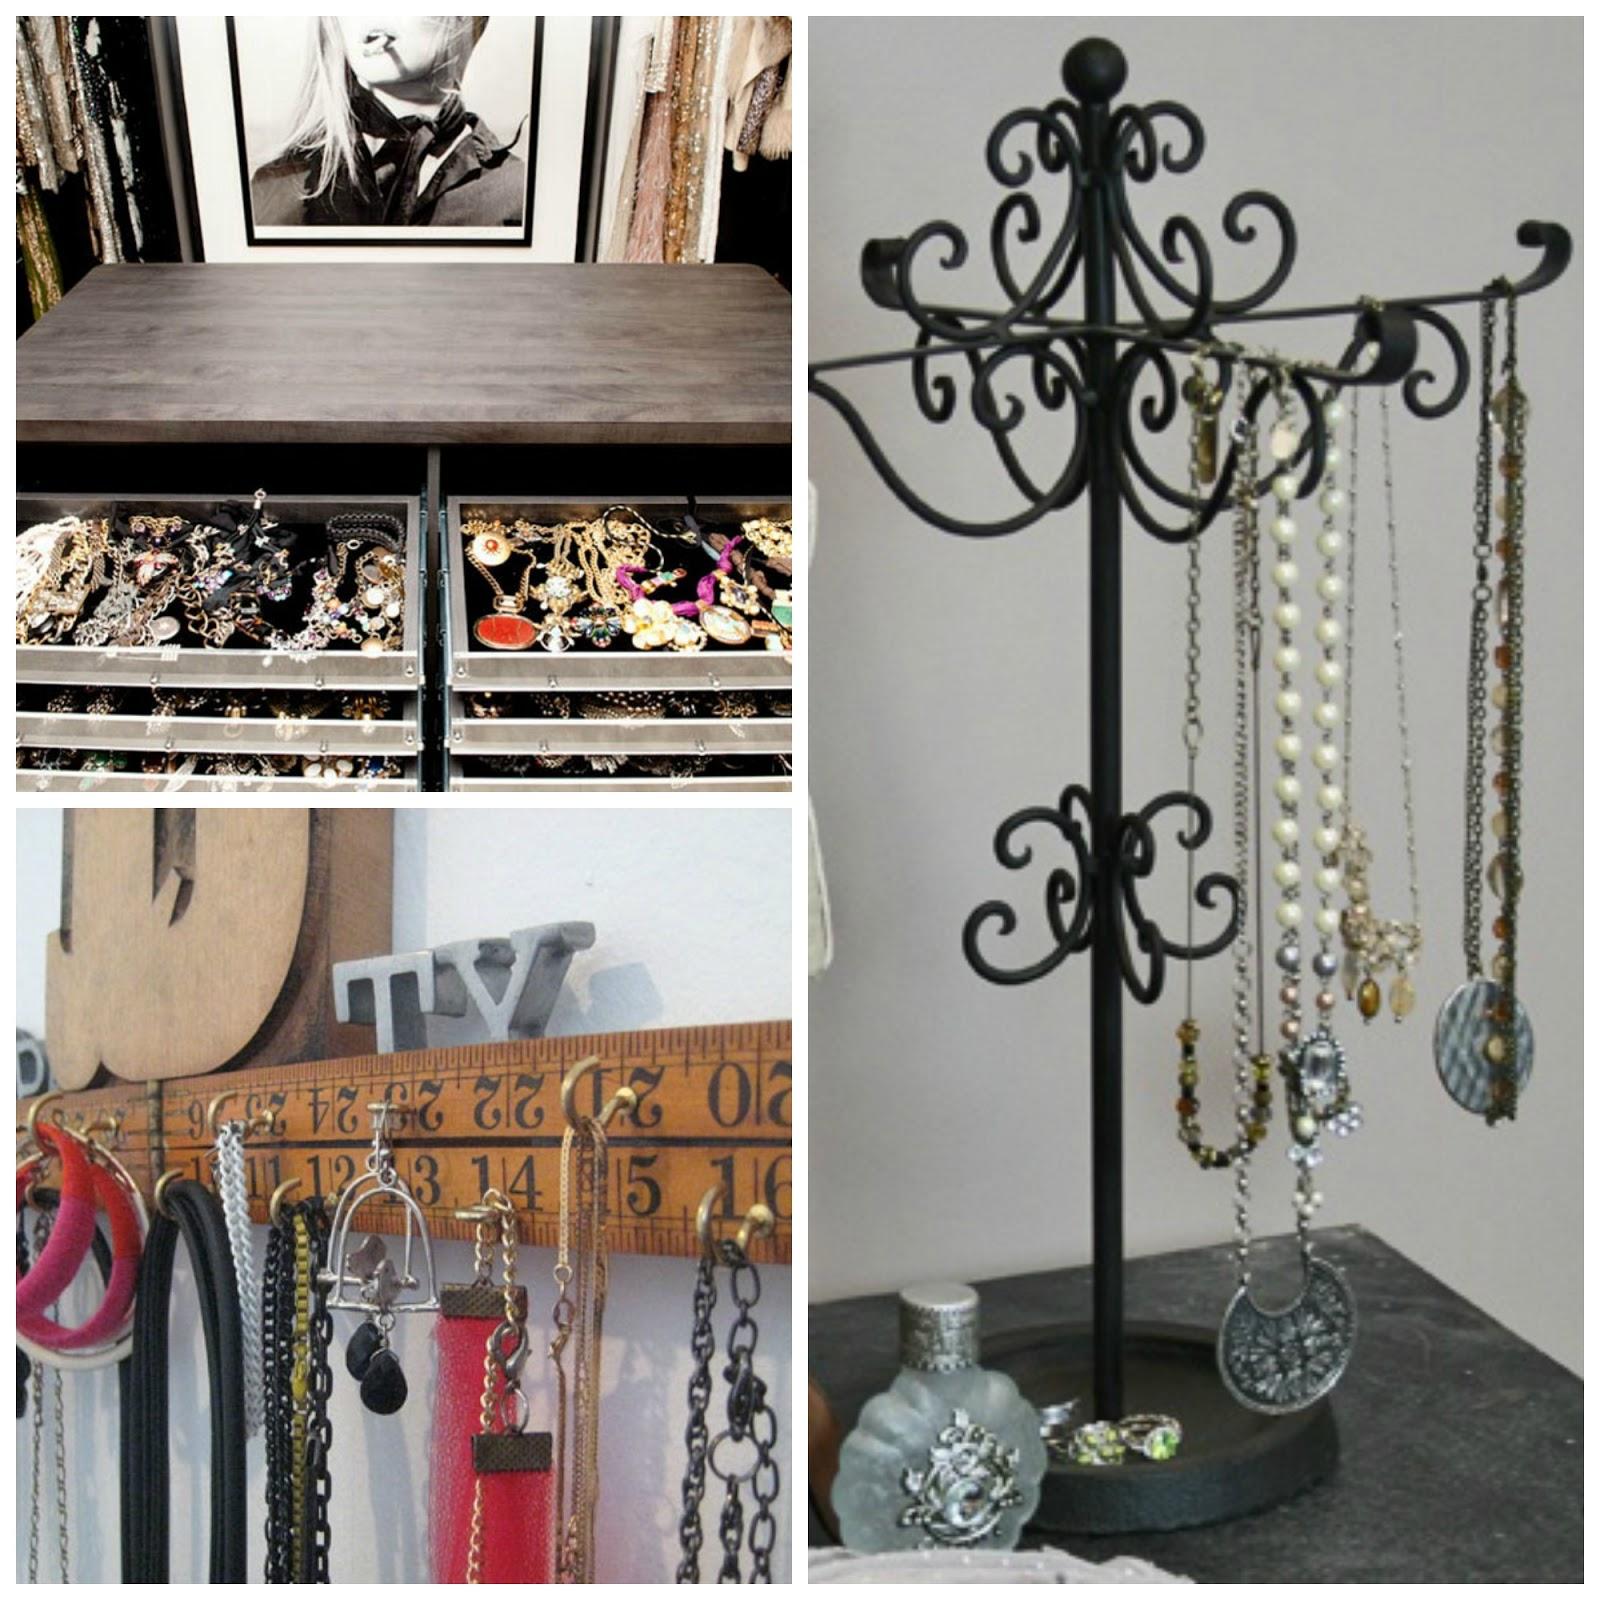 inspirations 4 des id es rangements bijoux boudoir mon beau boudoir. Black Bedroom Furniture Sets. Home Design Ideas